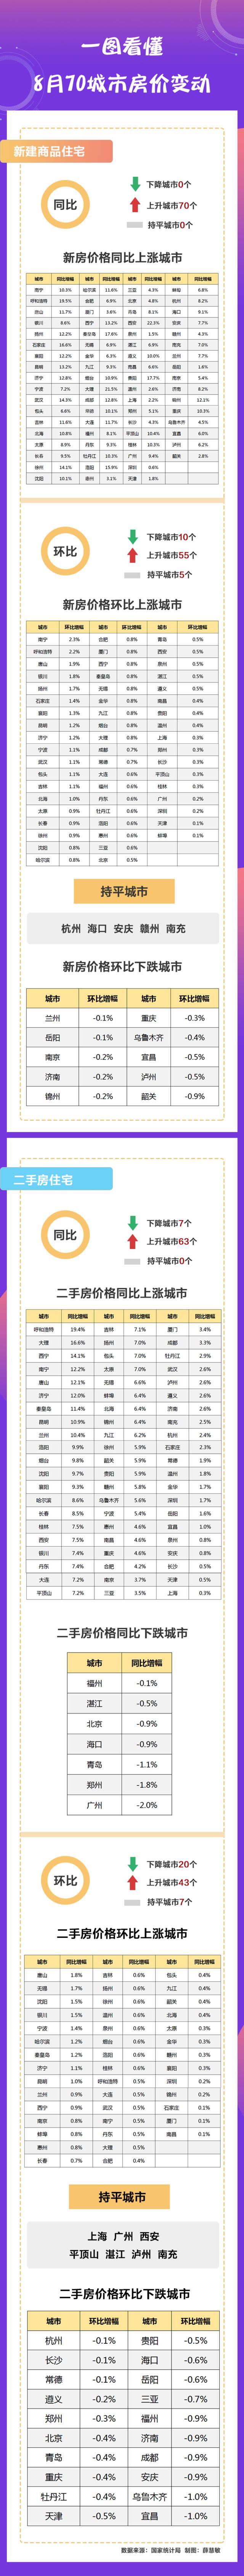 一张图看懂8月哪个城市房价涨得多、跌得狠?